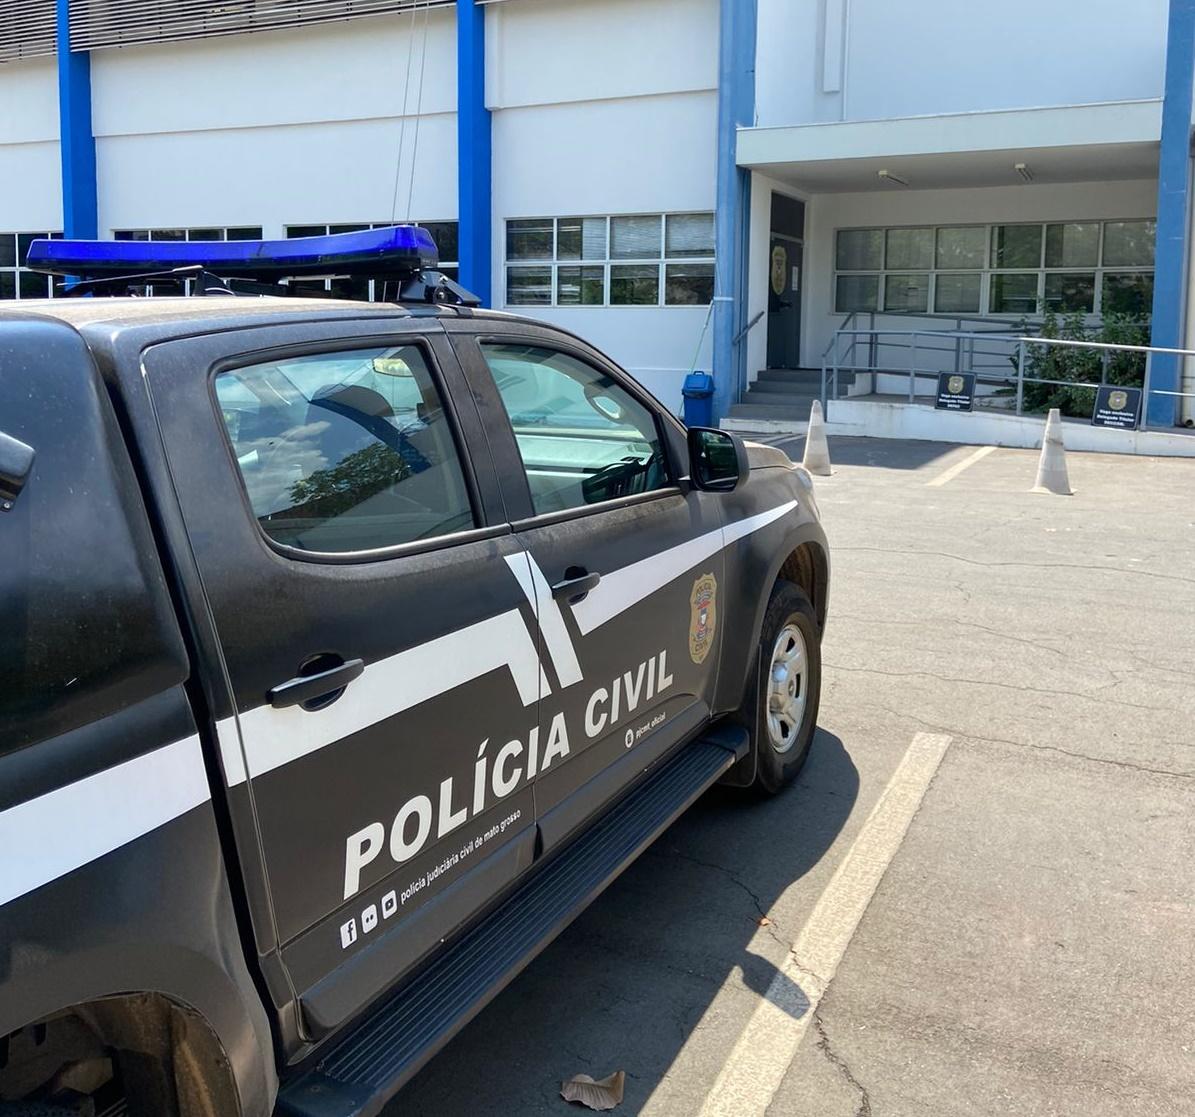 Polícia Civil de MT cumpre sequestro de R$ 33 milhões em bens de empresas investigadas por peculato e lavagem de dinheiro